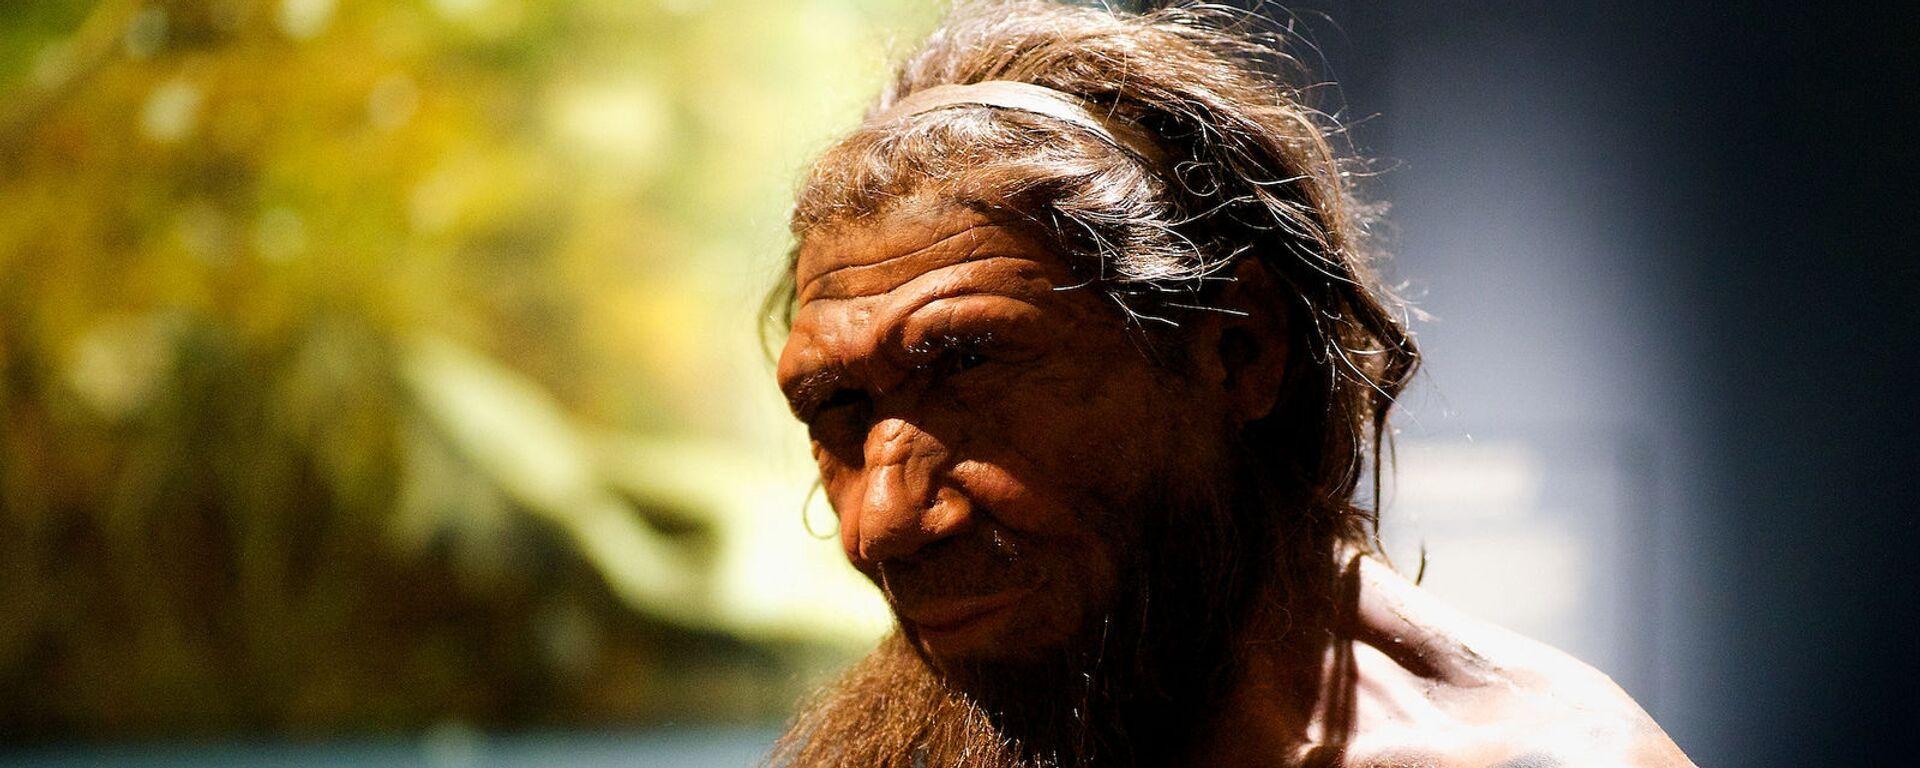 Neandertálec. Ilustrační foto - Sputnik Česká republika, 1920, 30.07.2021